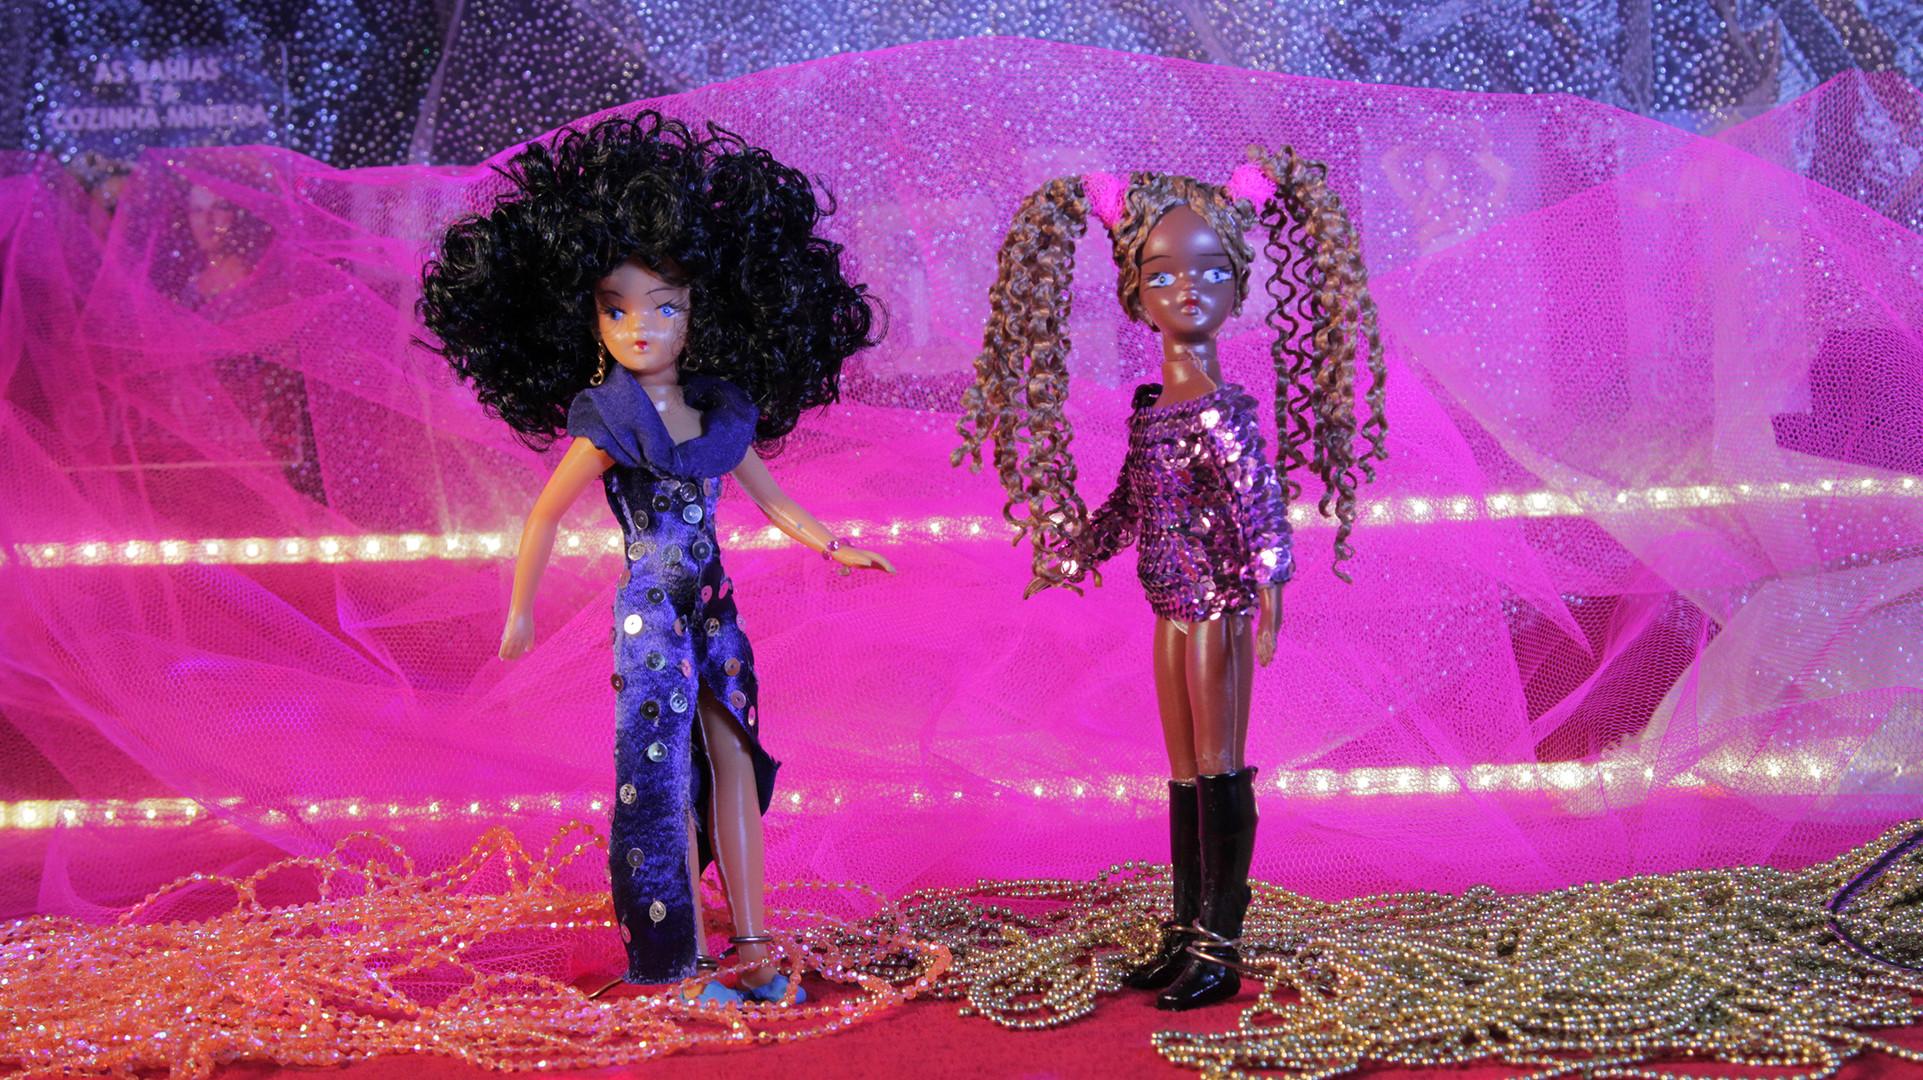 bonecas o lua 01.jpg